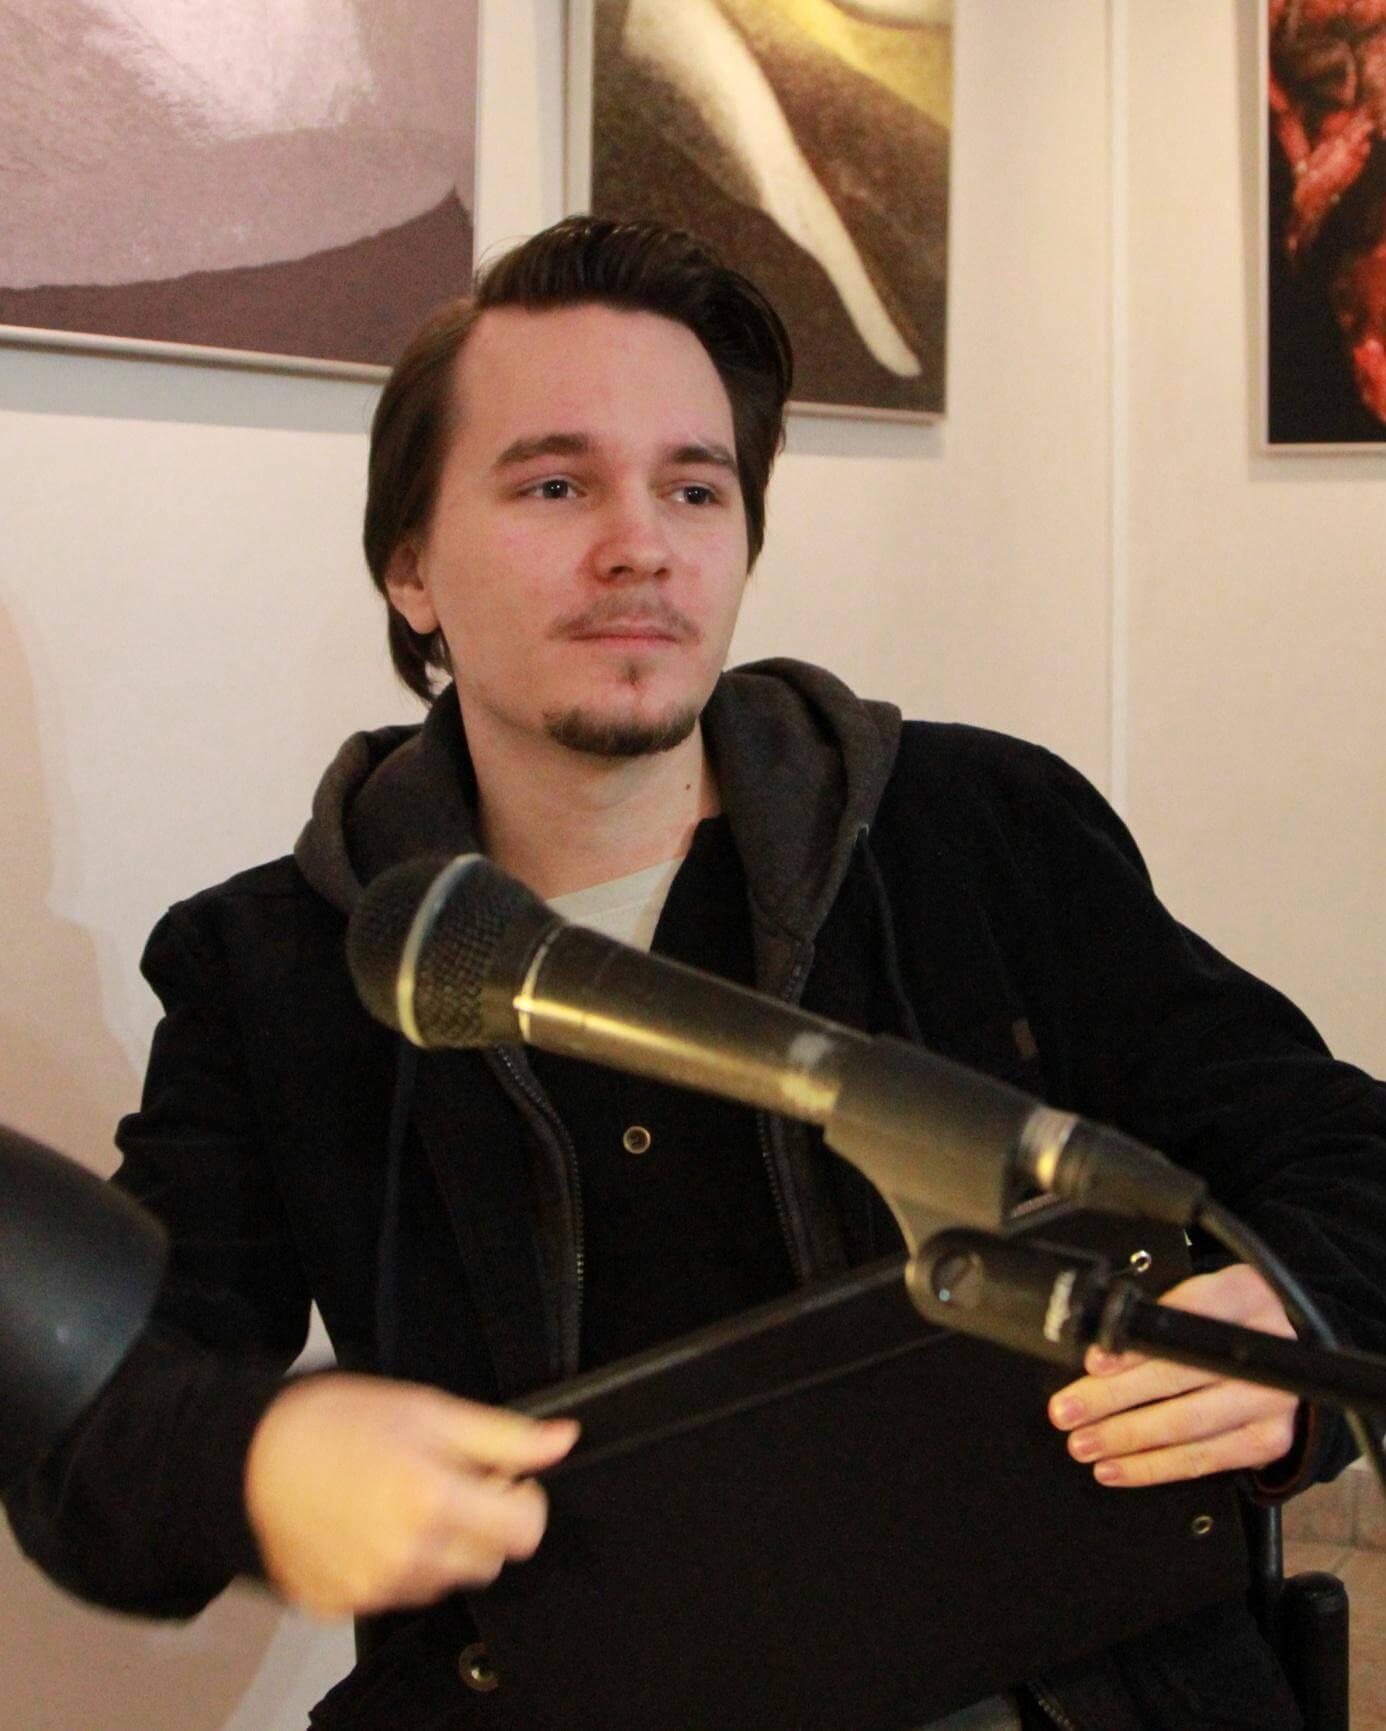 Mateusz Andrzej Masłowski